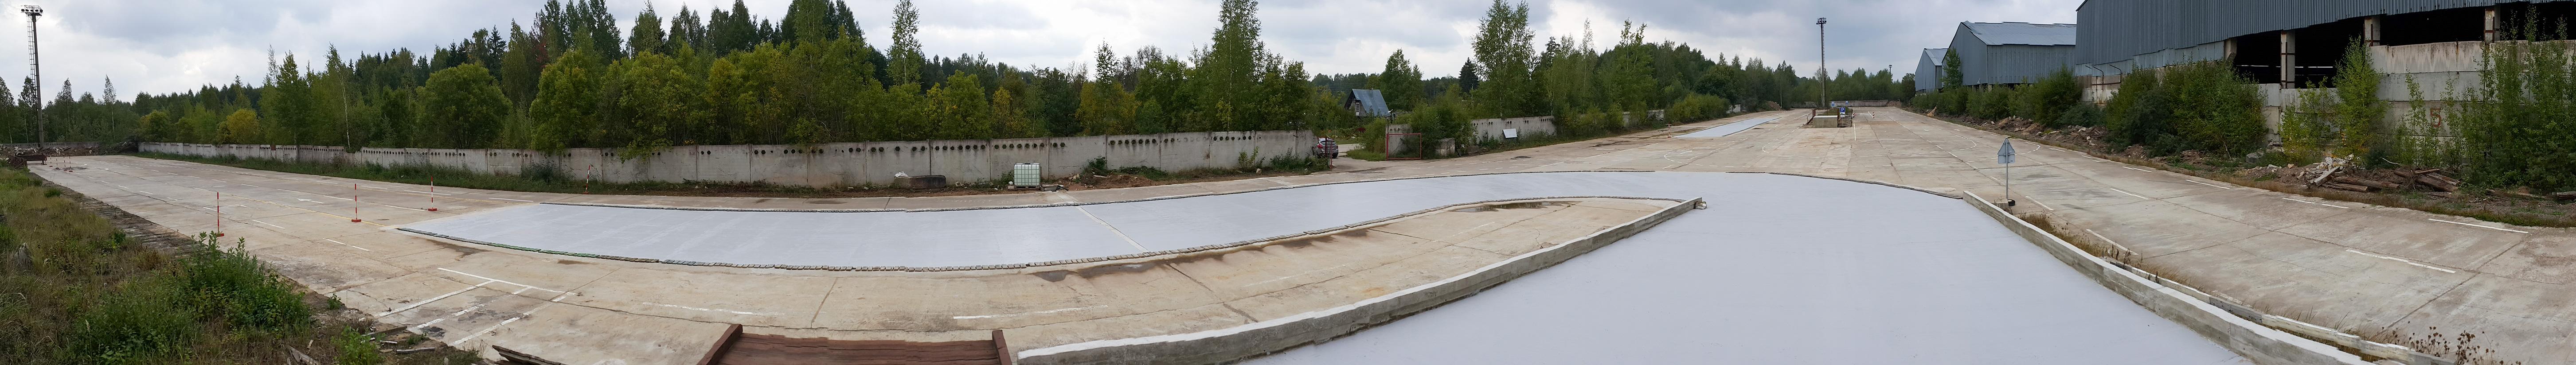 Mokomosios aikštelės panorama